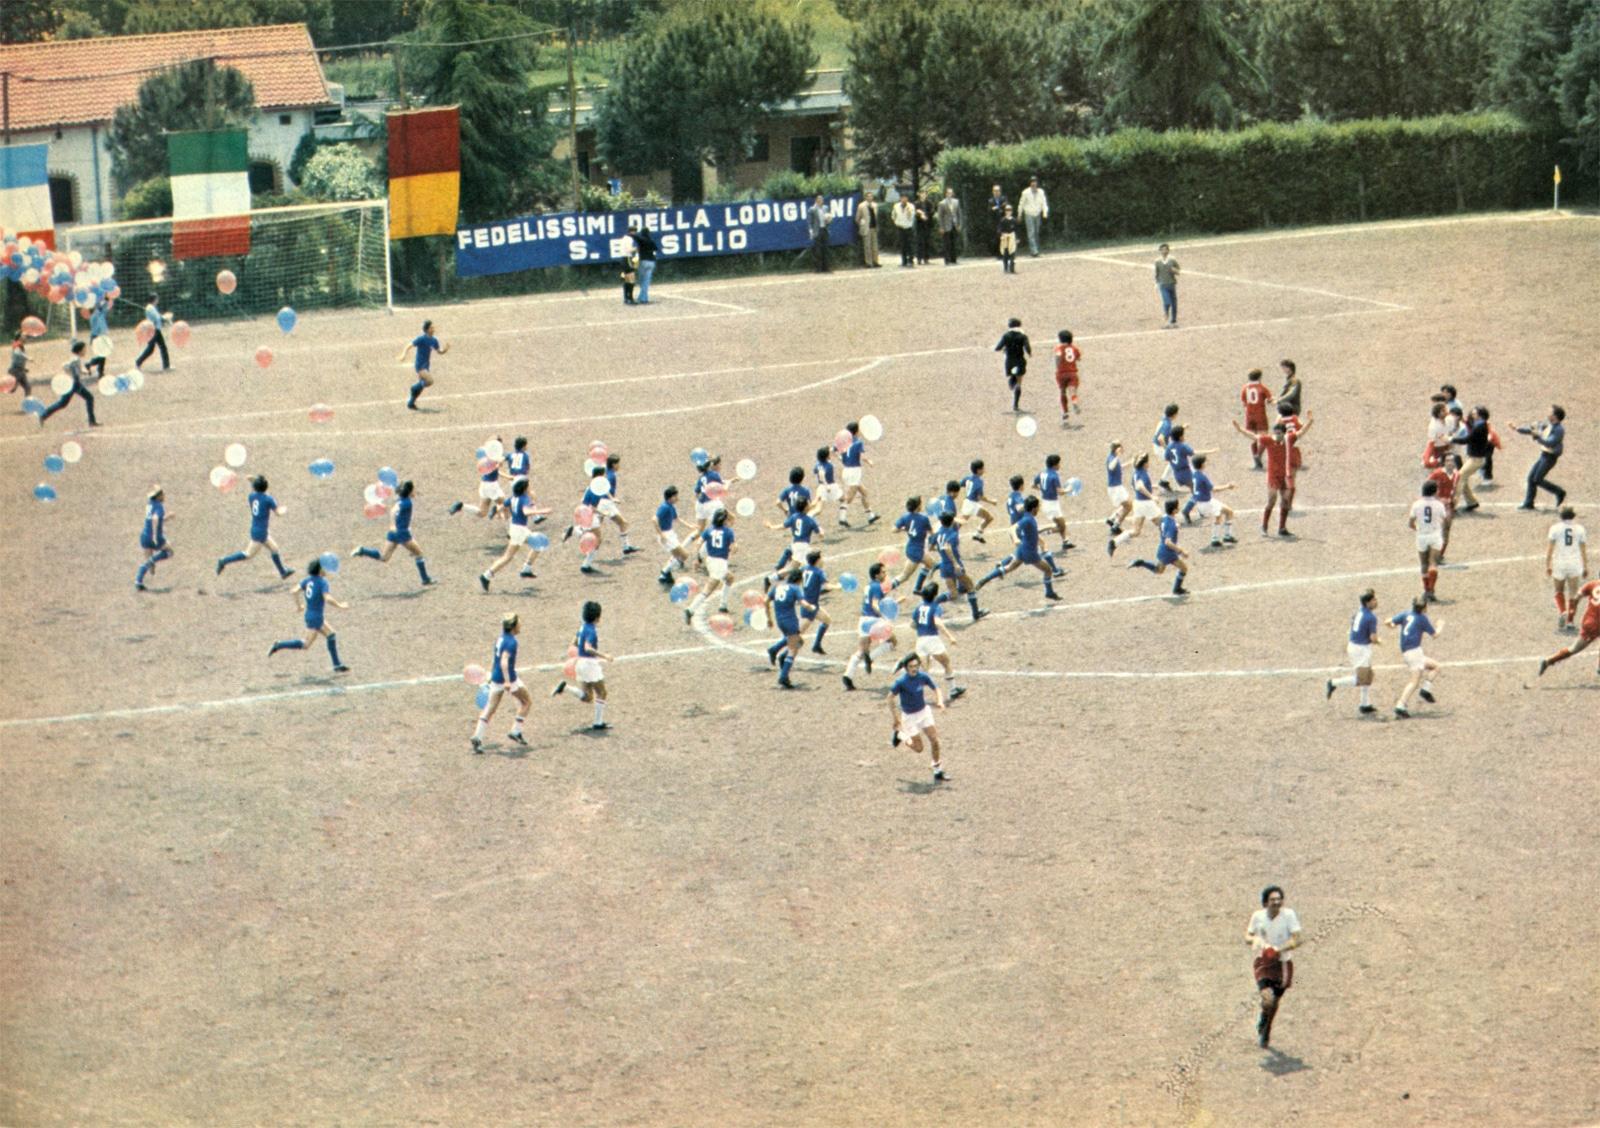 Stagione 79-80, la Lodigiani approda in D. Al termine della gara contro il La Rustica i ragazzi delle giovanili invadono festosamente il Francesca Gianni